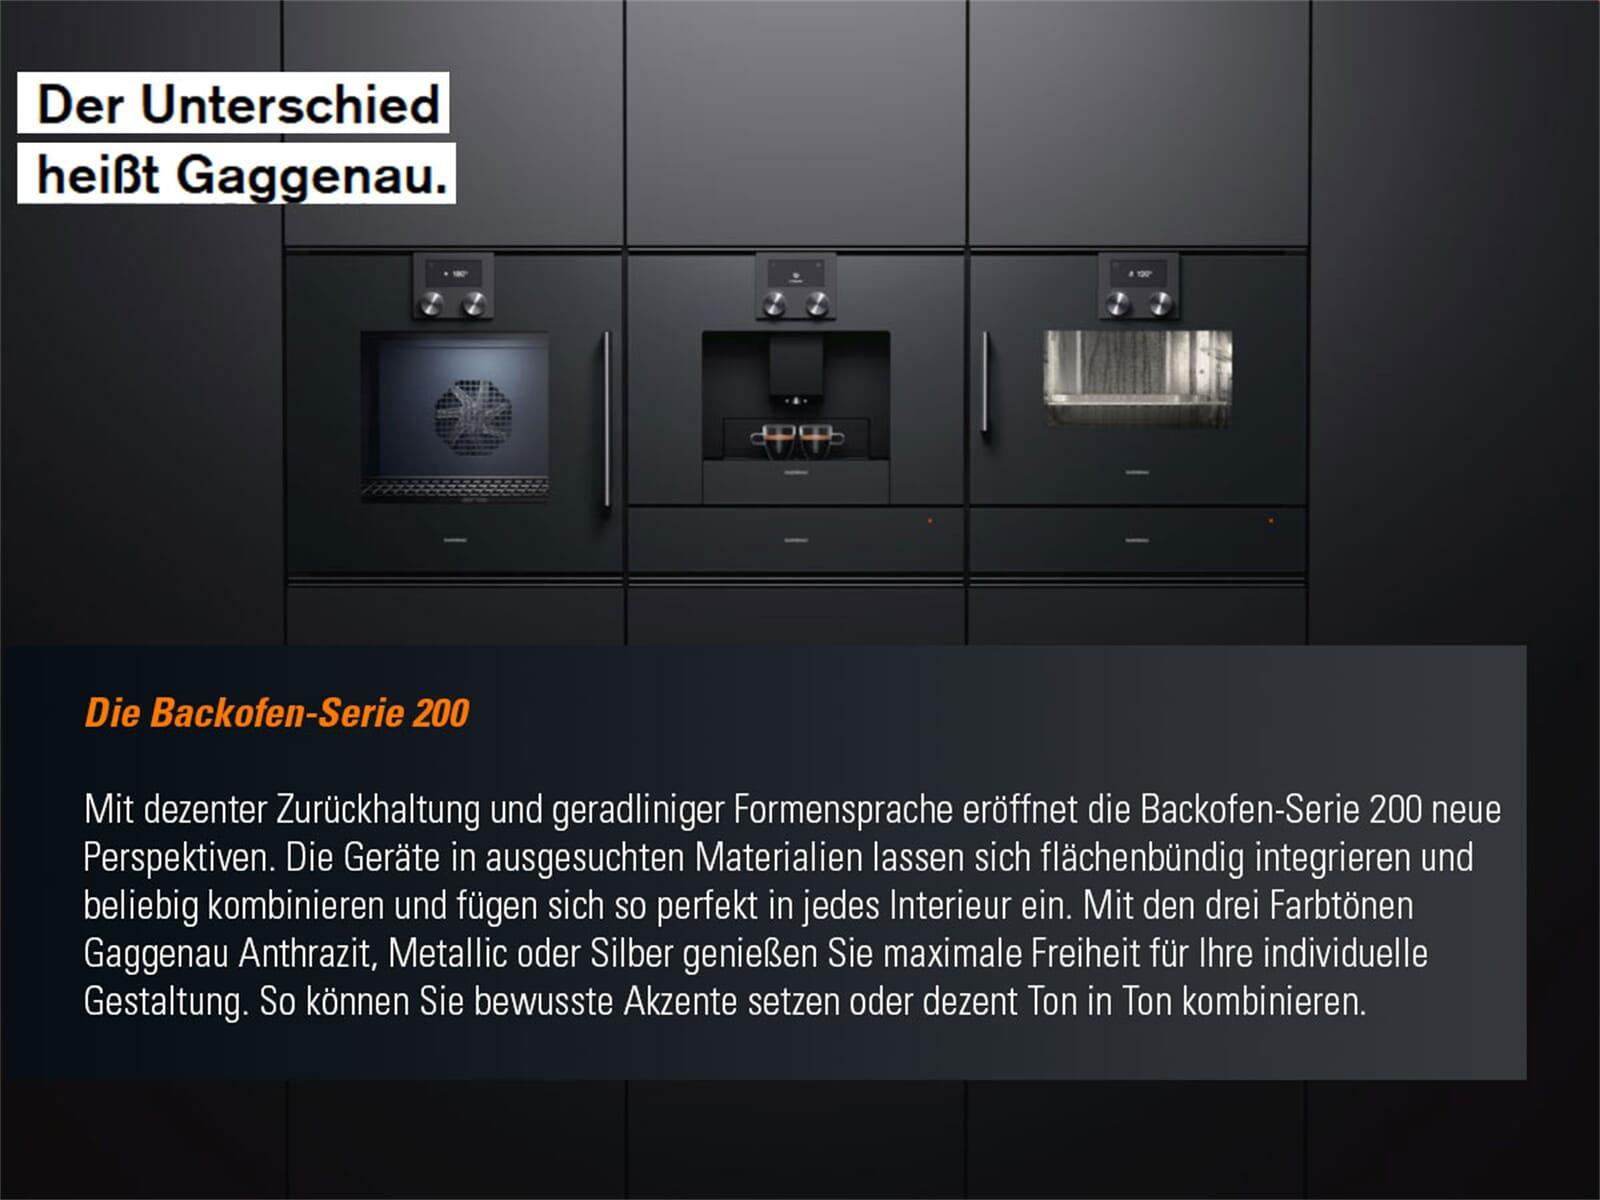 Gaggenau BOP 250 131 Backofen Serie 200 Silber